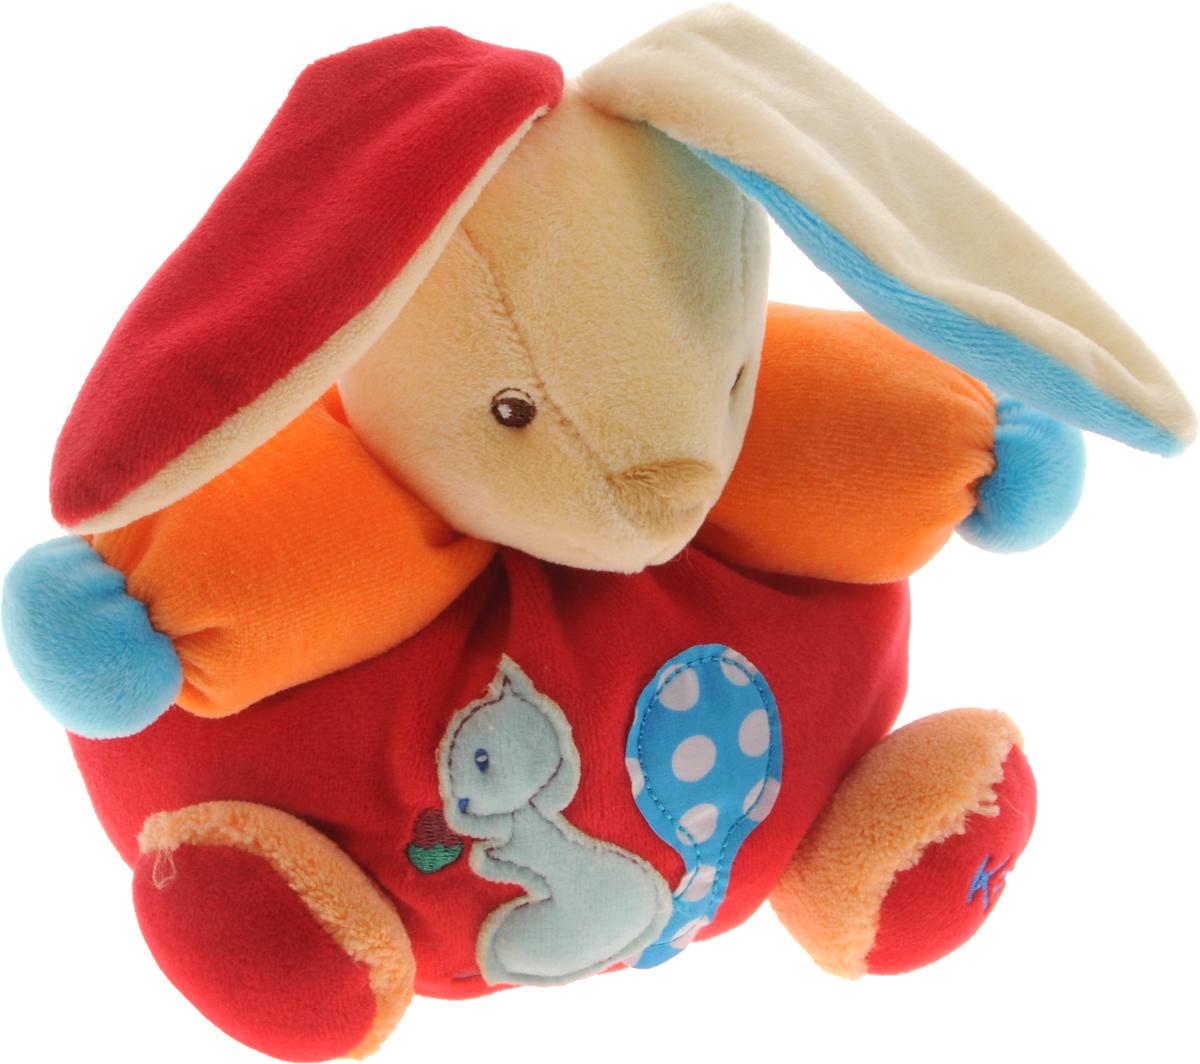 Kaloo Мягкая игрушка Заяц Белочка 15 смK963259Красочная мягкая игрушка Kaloo Заяц. Белочка надолго станет постоянным спутником малыша и его любимой игрушкой. Изделие выполнено из мягкого материала различных цветов. На животике зайчонка имеется аппликация в виде белочки, на лапке зайчика вышит фирменный логотип Kaloo. Игры с мягкими игрушками развивают тактильную чувствительность и сенсорное восприятие. После стирки изделие не деформируется и не меняет внешний вид. Все игрушки Kaloo прошли множественные тесты и соответствуют мировым стандартам безопасности. Именно поэтому игрушки рекомендованы для детей с рождения, что отличает их от большинства производителей мягких игрушек. Дизайнеры Kaloo продумывают и придают значение каждому этапу в производстве игрушек, начиная от эскиза и заканчивая упаковкой готового изделия.